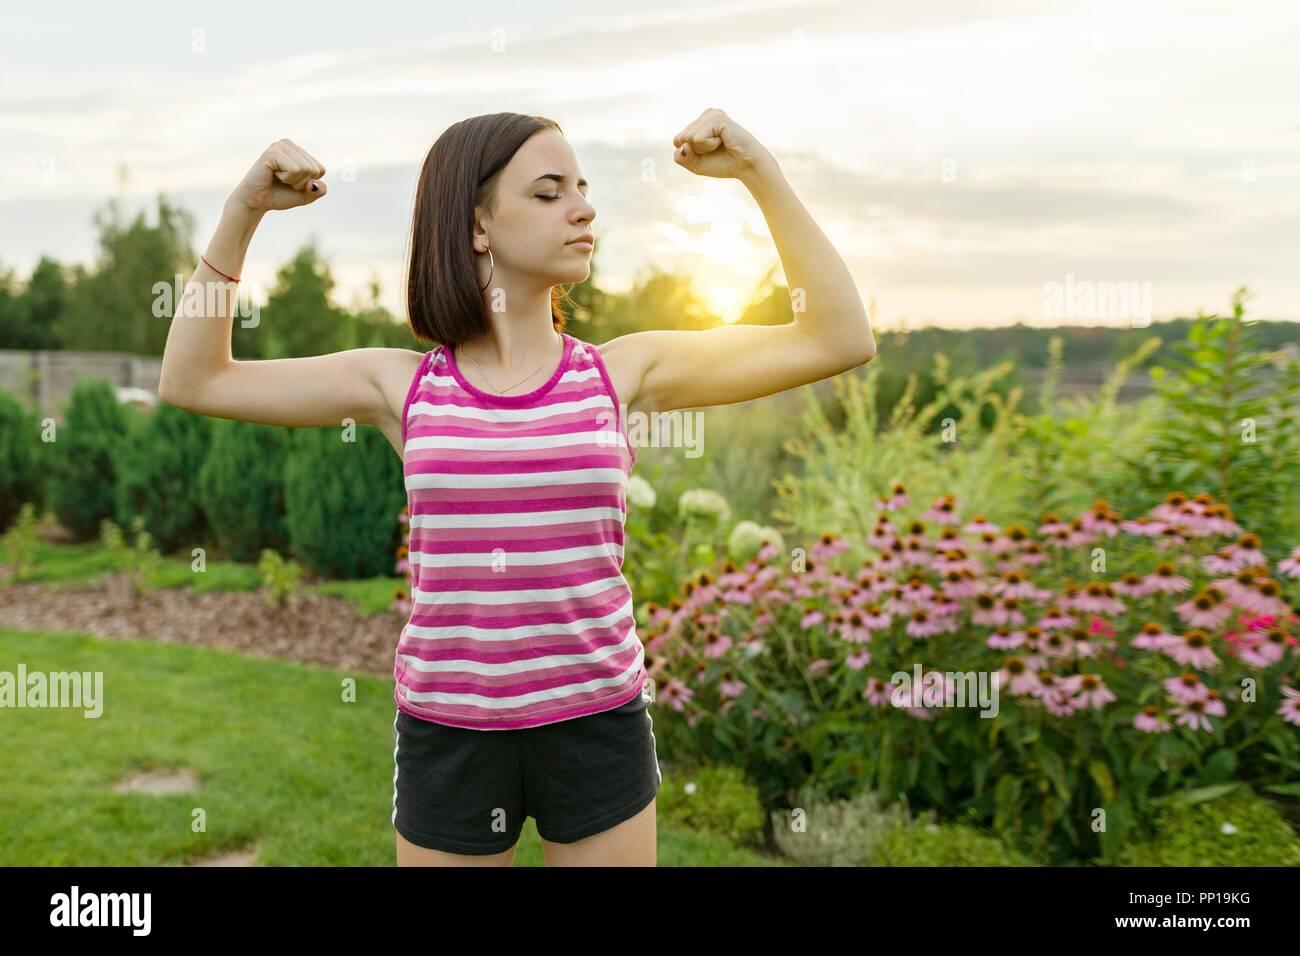 Menschen, Kraft, Ausdauer, Stärke, Gesundheit, Sport, Fitness Concept. Outdoor Portrait smiling teenage Mädchen ihre Muskeln, Hintergrund grüne Wiese Sonne Stockbild